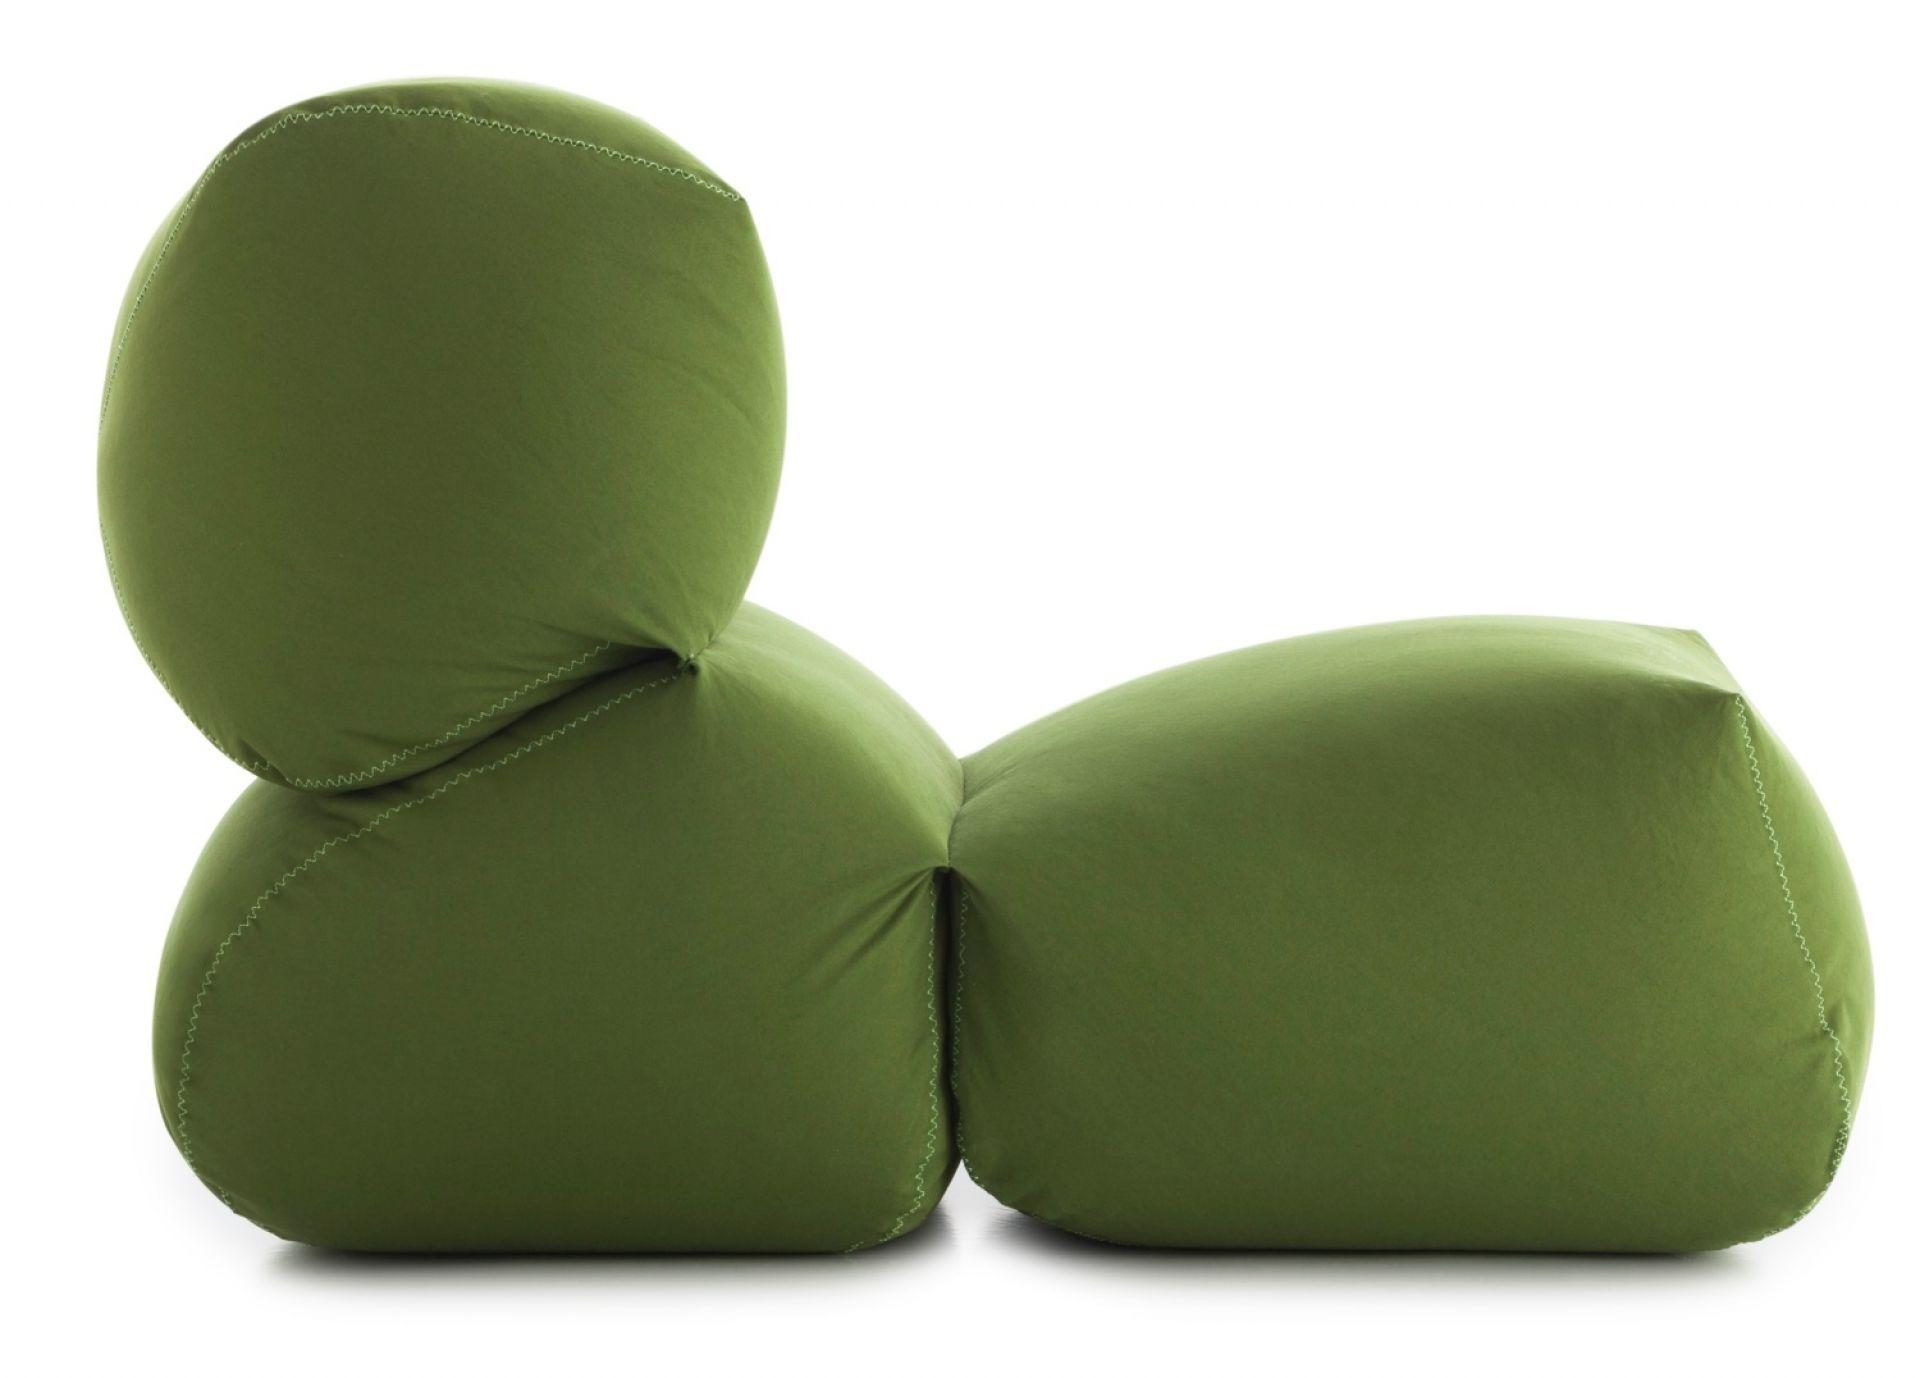 Grapy Sitzkissen GAN-grau (Baumwolle)